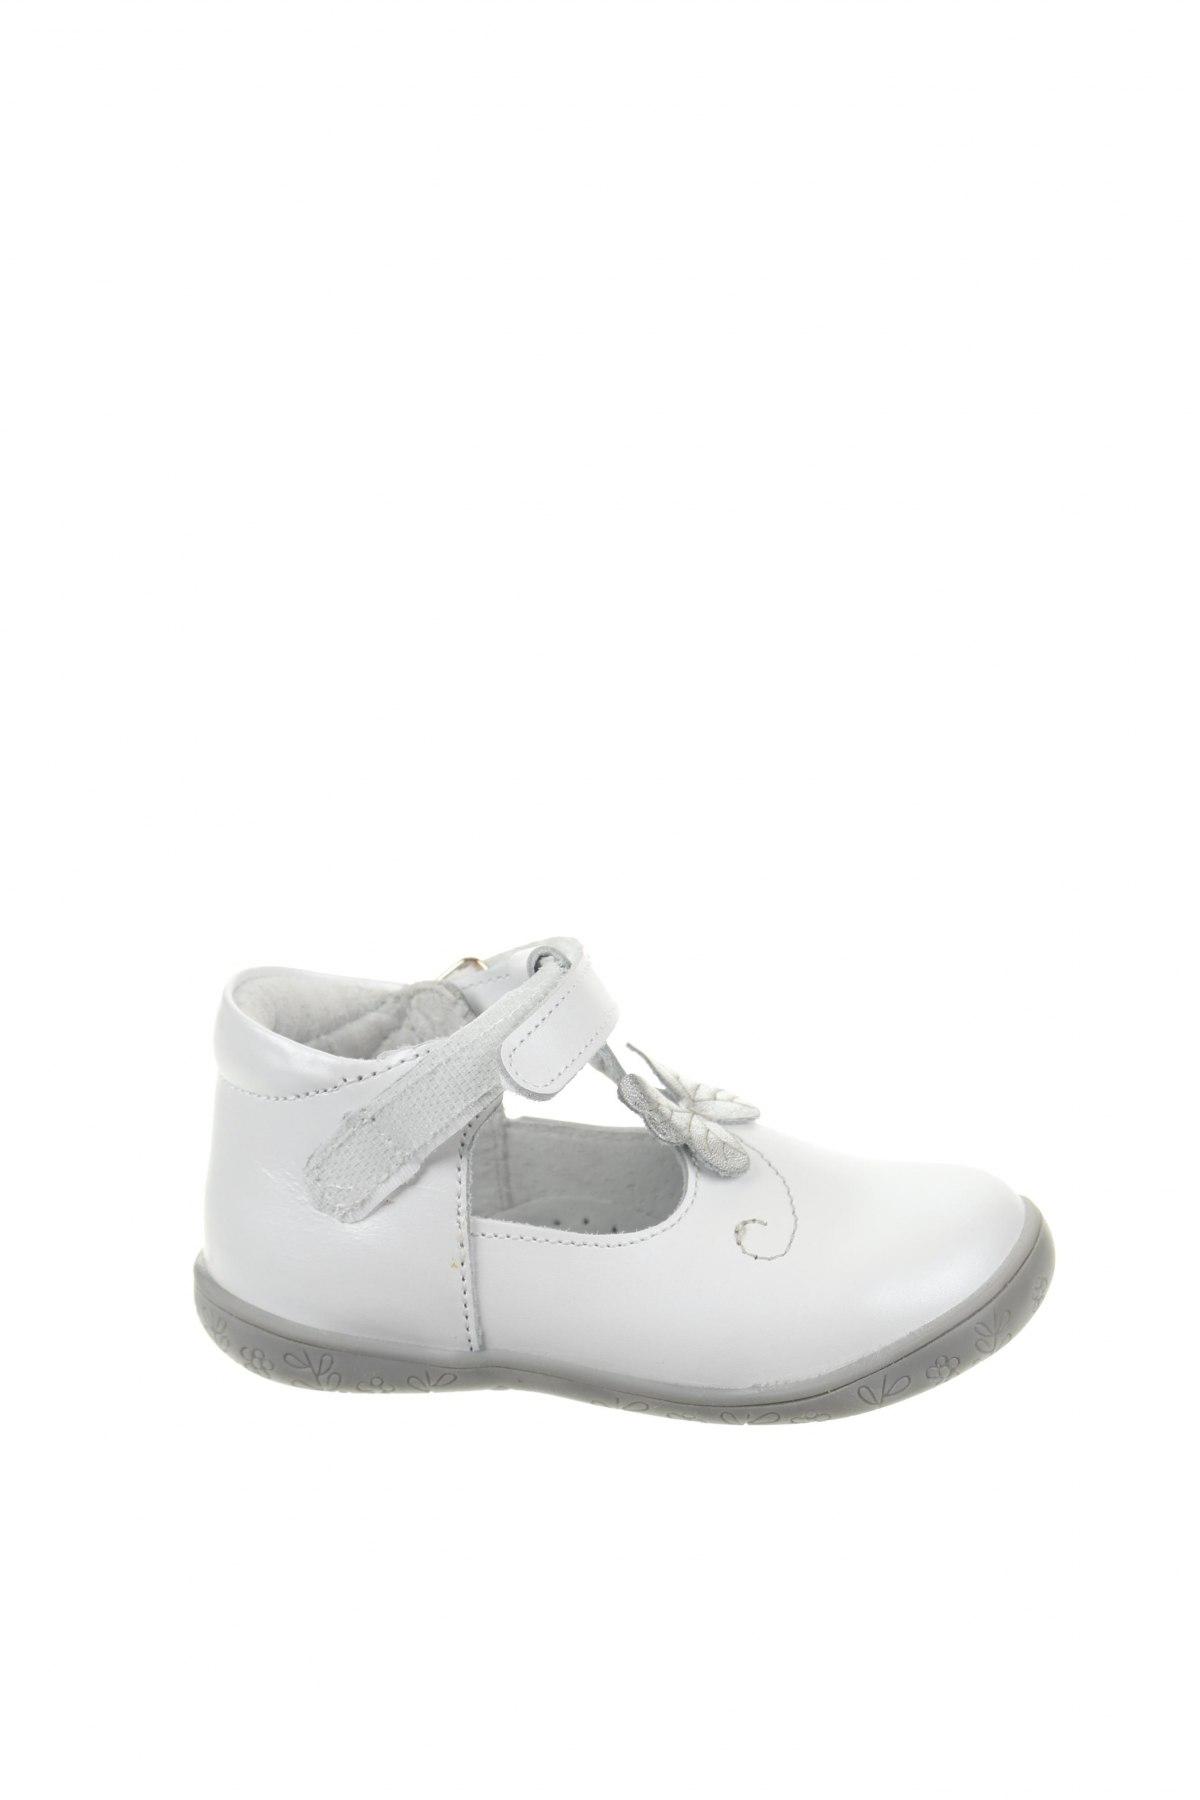 Παιδικά παπούτσια Saxo Blues, Μέγεθος 23, Χρώμα Λευκό, Γνήσιο δέρμα, Τιμή 26,68€